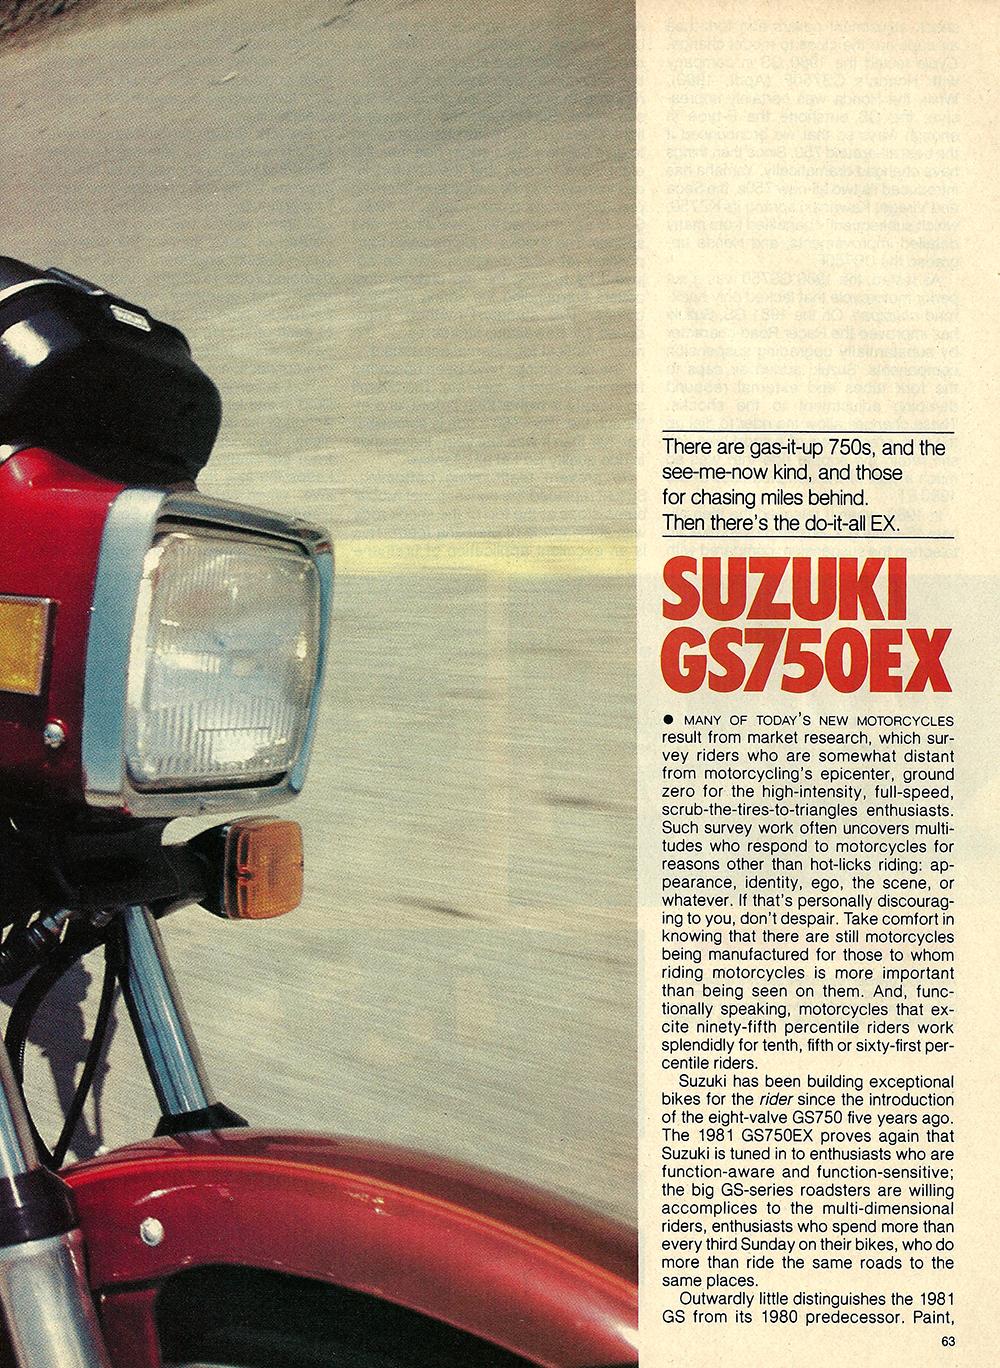 1981 Suzuki GS750 EX road test 02.jpg